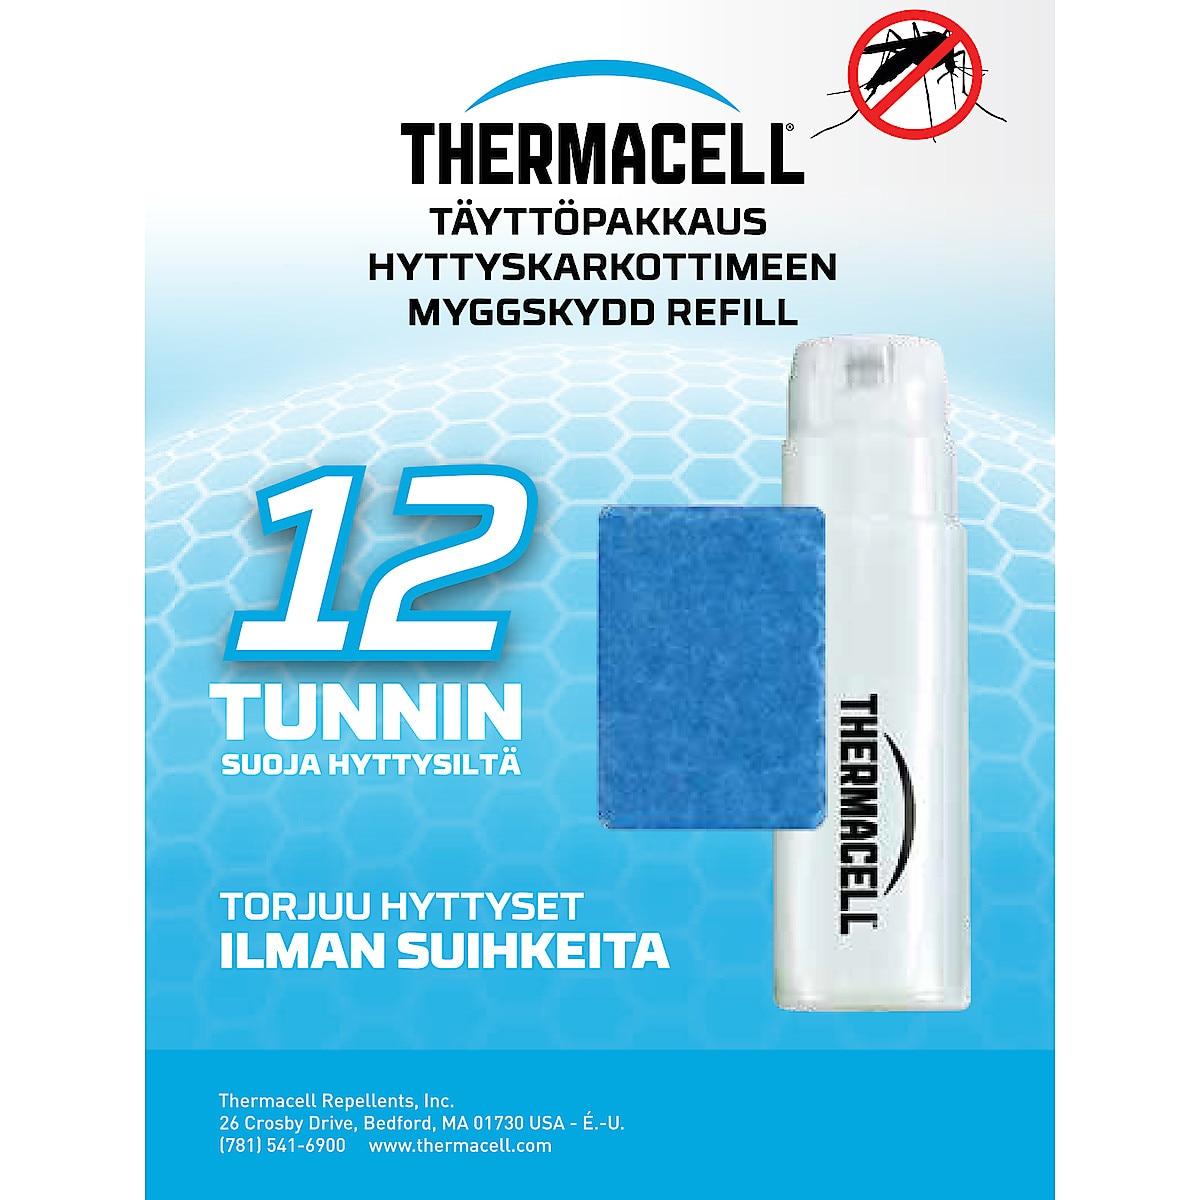 Täyttöpakkaus hyttyskarkottimeen Thermacell